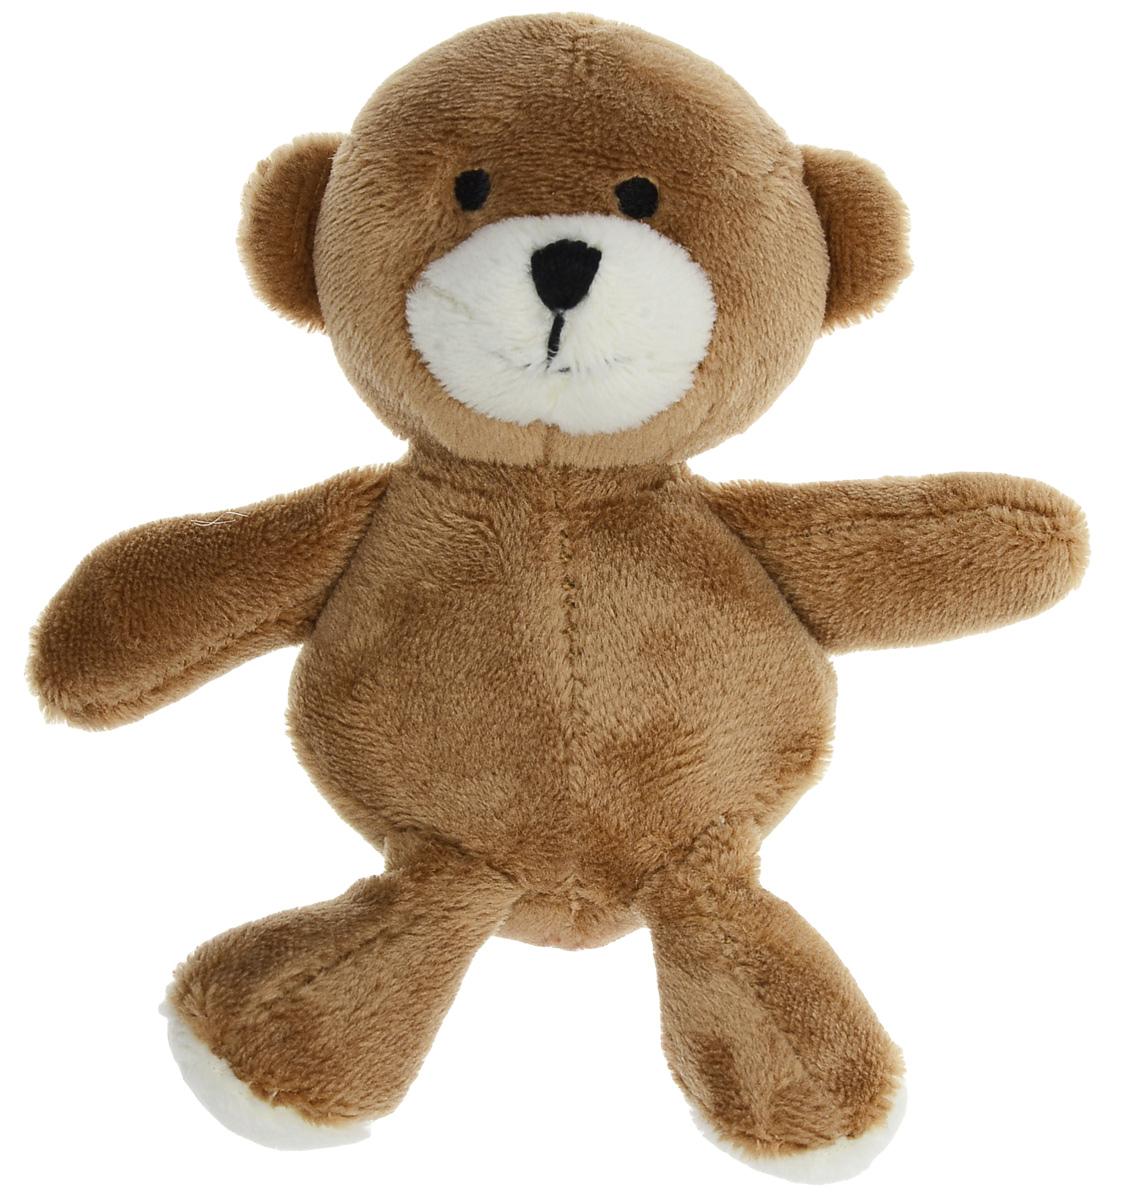 Игрушка для собак GiGwi Медведь, с пищалкой, длина 11 см медведь будоражить boonic медведи плюшевые игрушки куклы несут большое количество стоящих 48cm